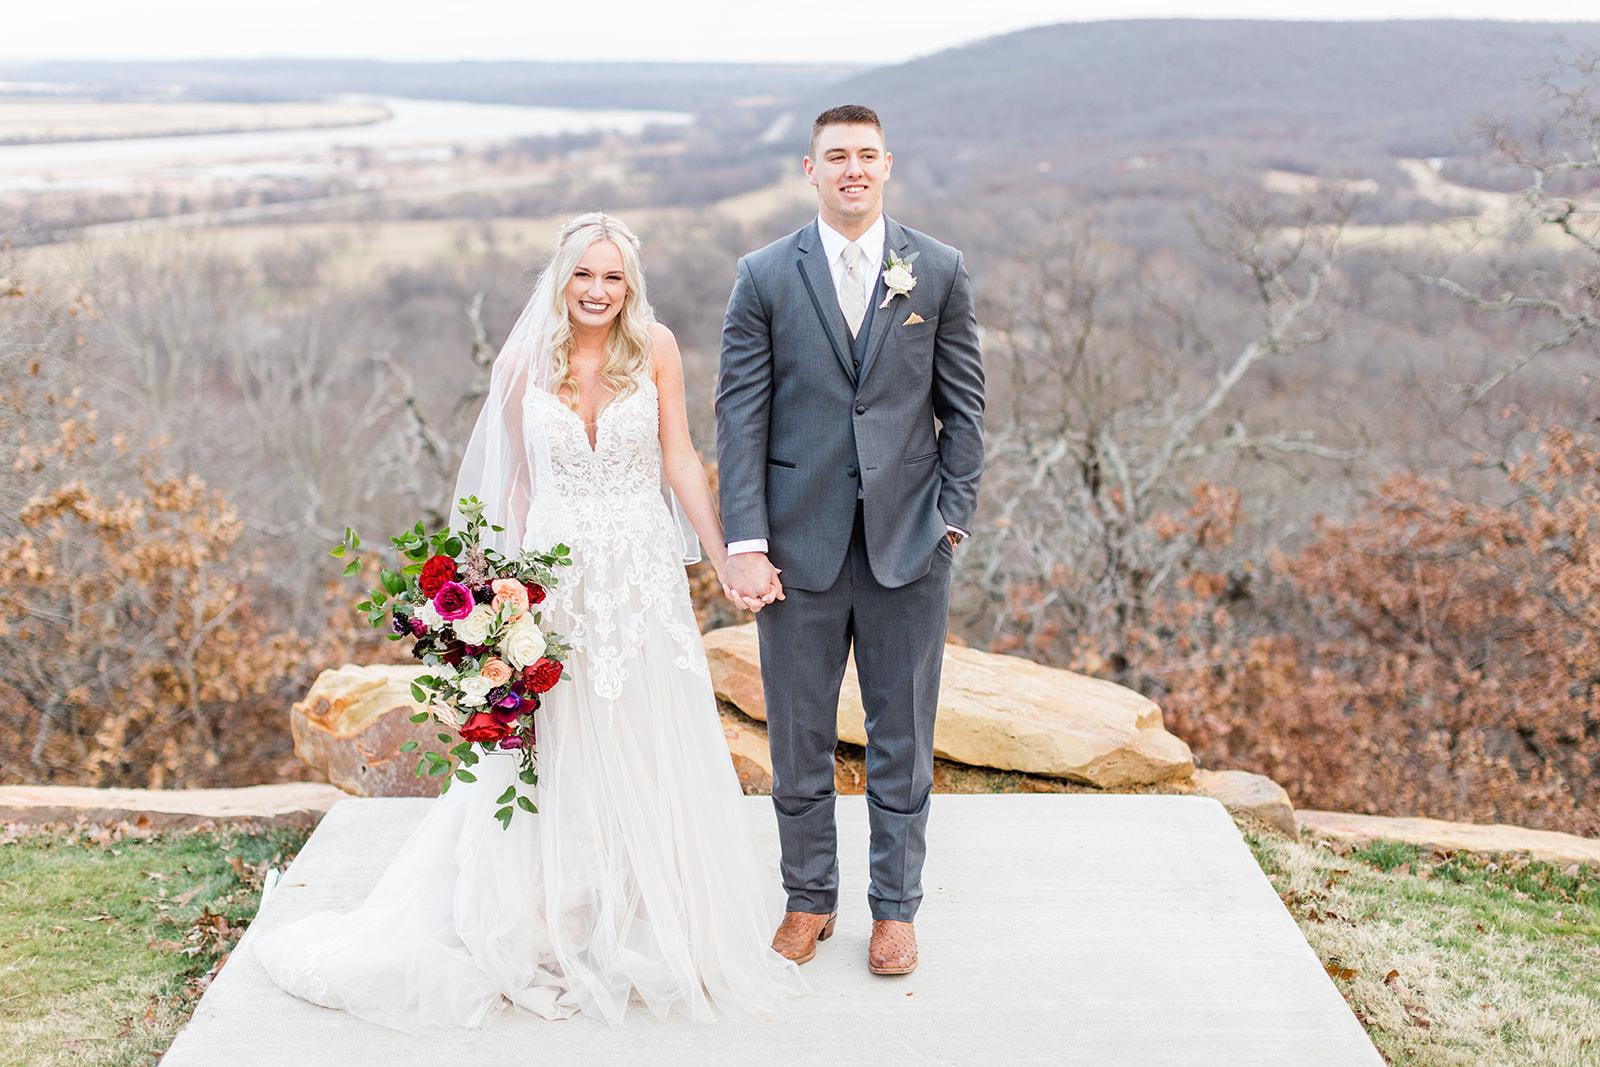 Bixby Tulsa Wedding Venues 22.jpg